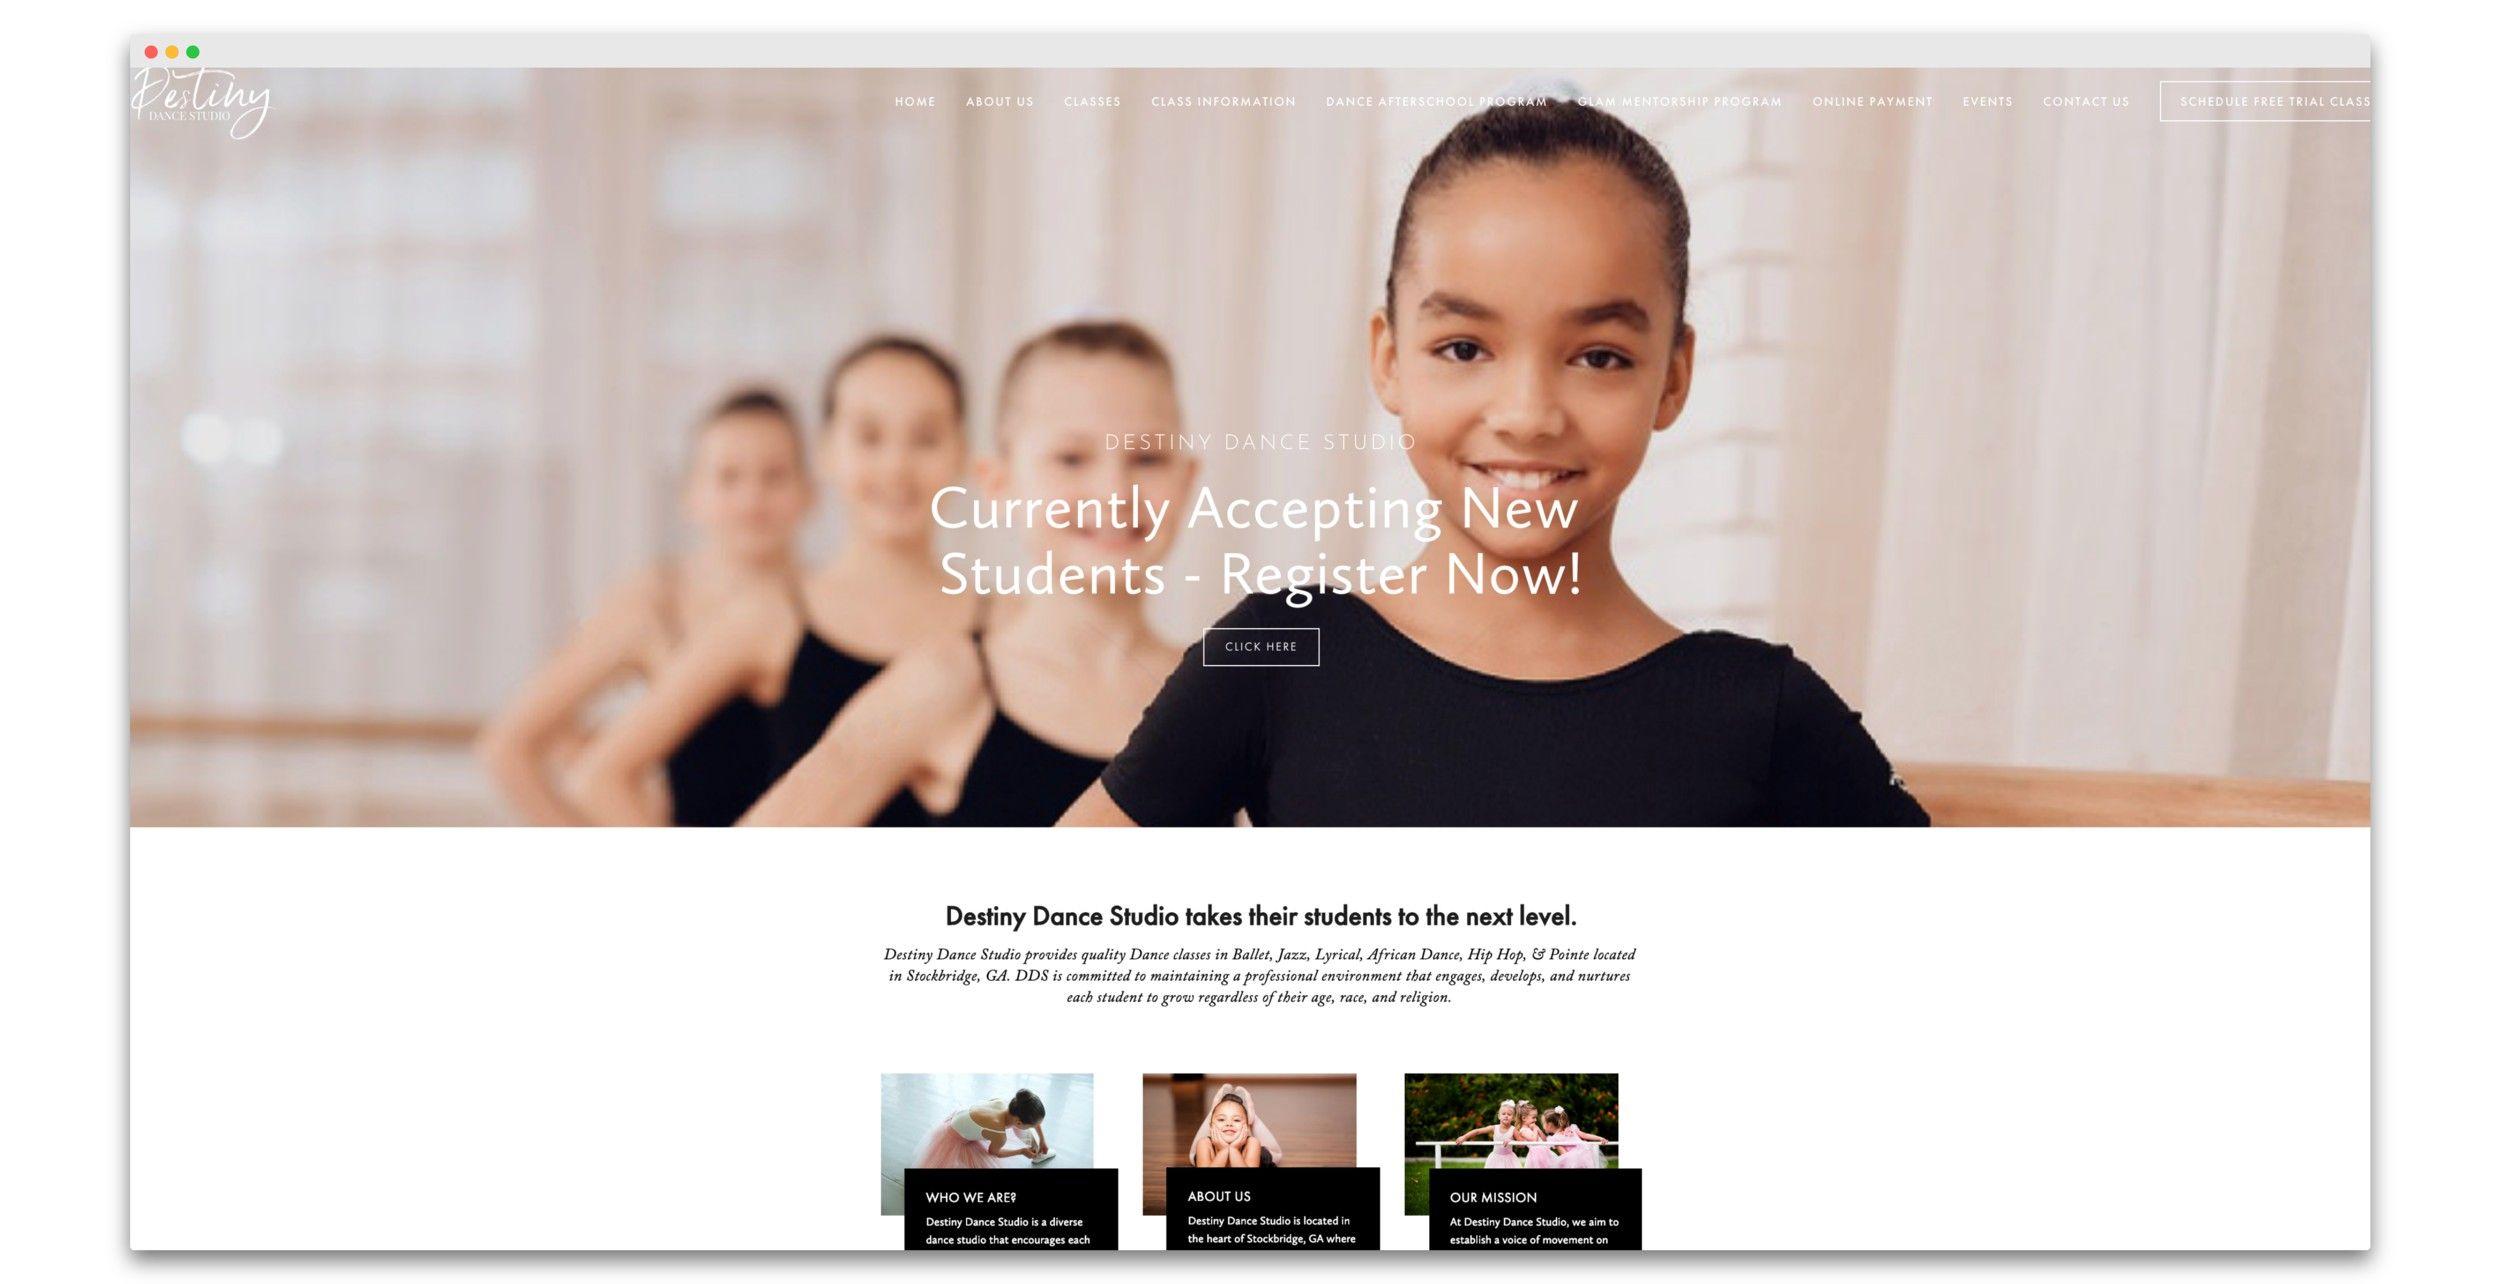 Squarespace Web Design For Destiny Dance Studio By Taj Web Design Co Squarespace Web Design Dance Studio Web Design Studio